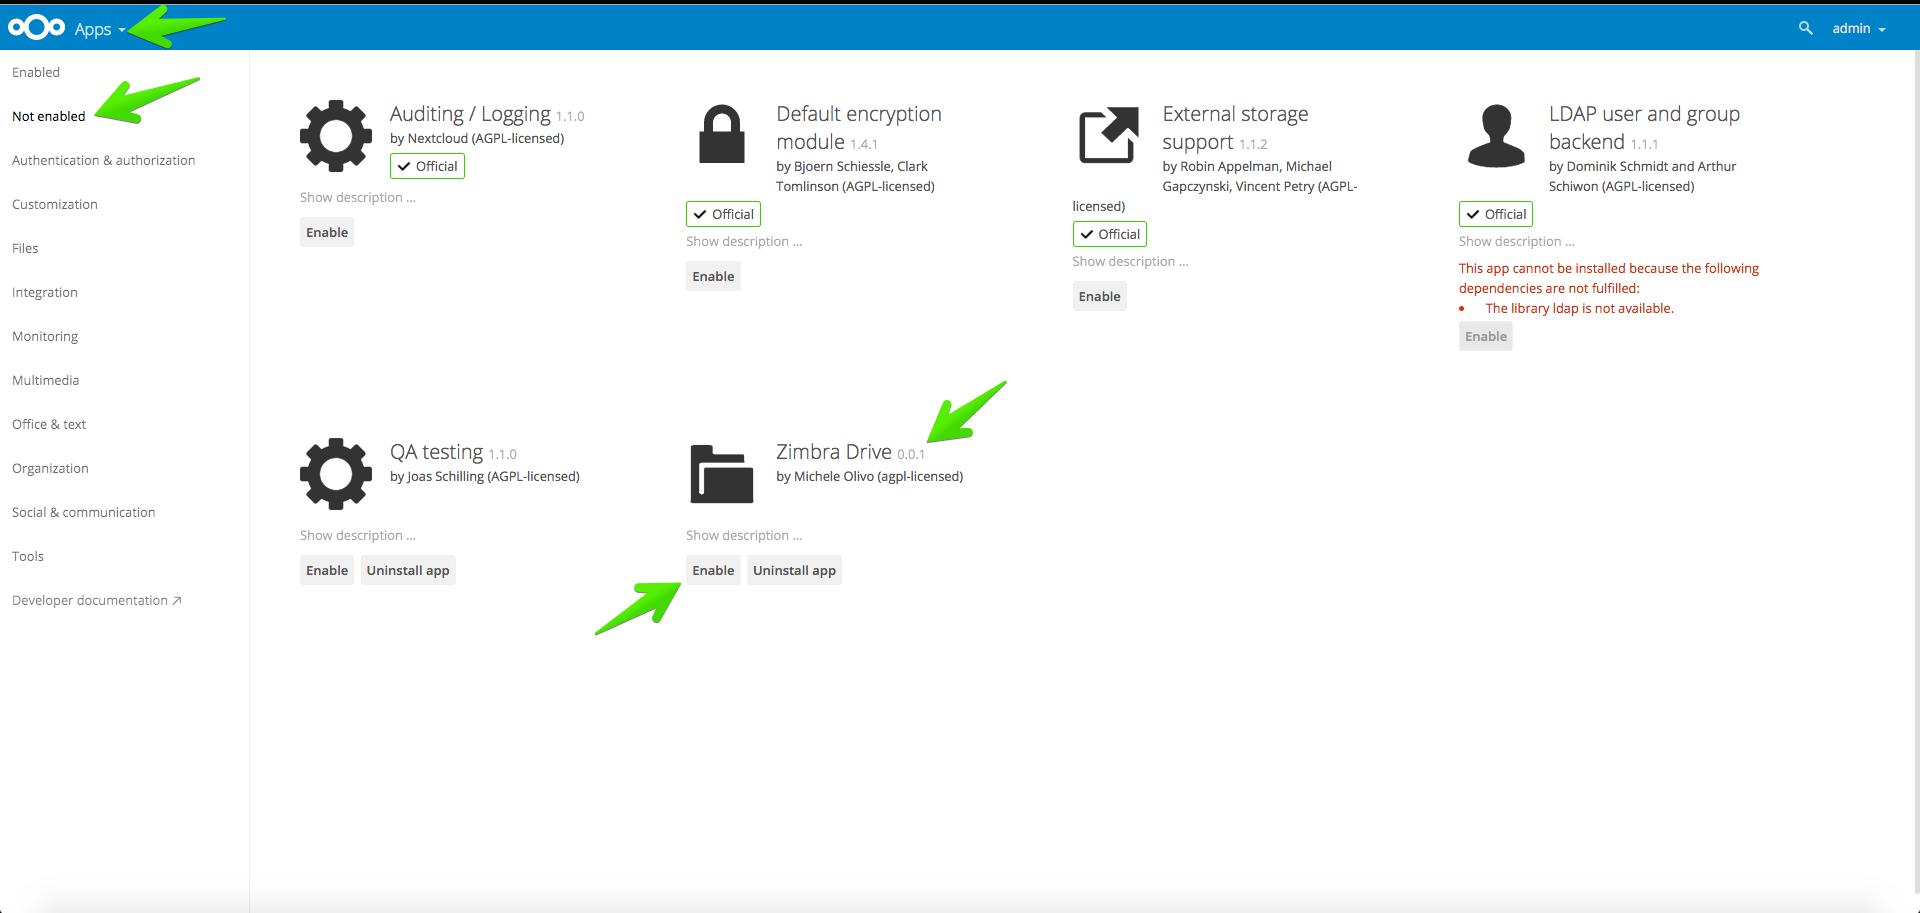 Zimbra: Configuración de Zimbra Drive (ownCloud/nextCloud) - El Blog